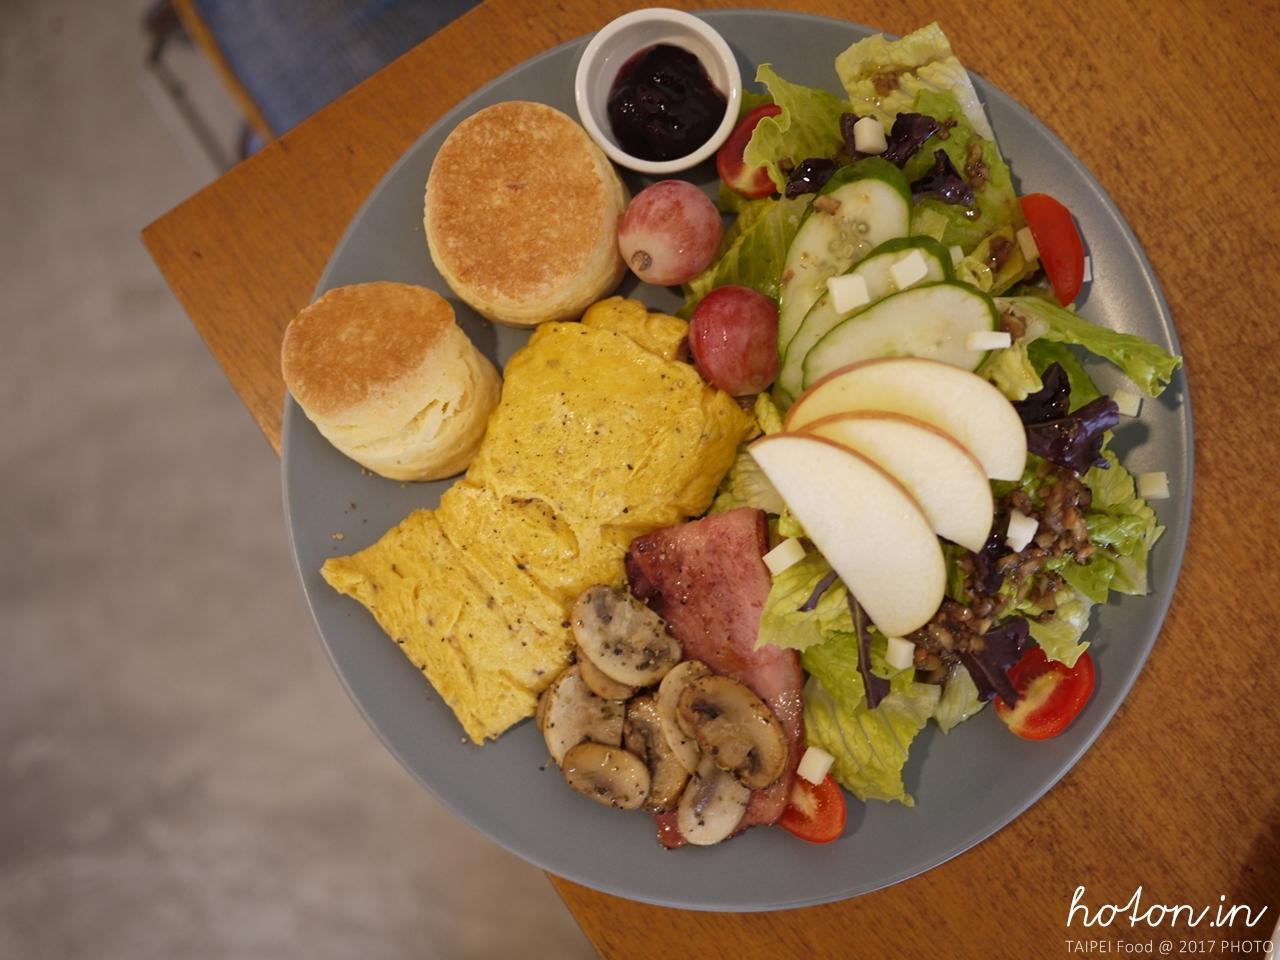 【汐止食記】左撇子日常Lefty Daily.咖啡講究簡約樸實的早午餐店